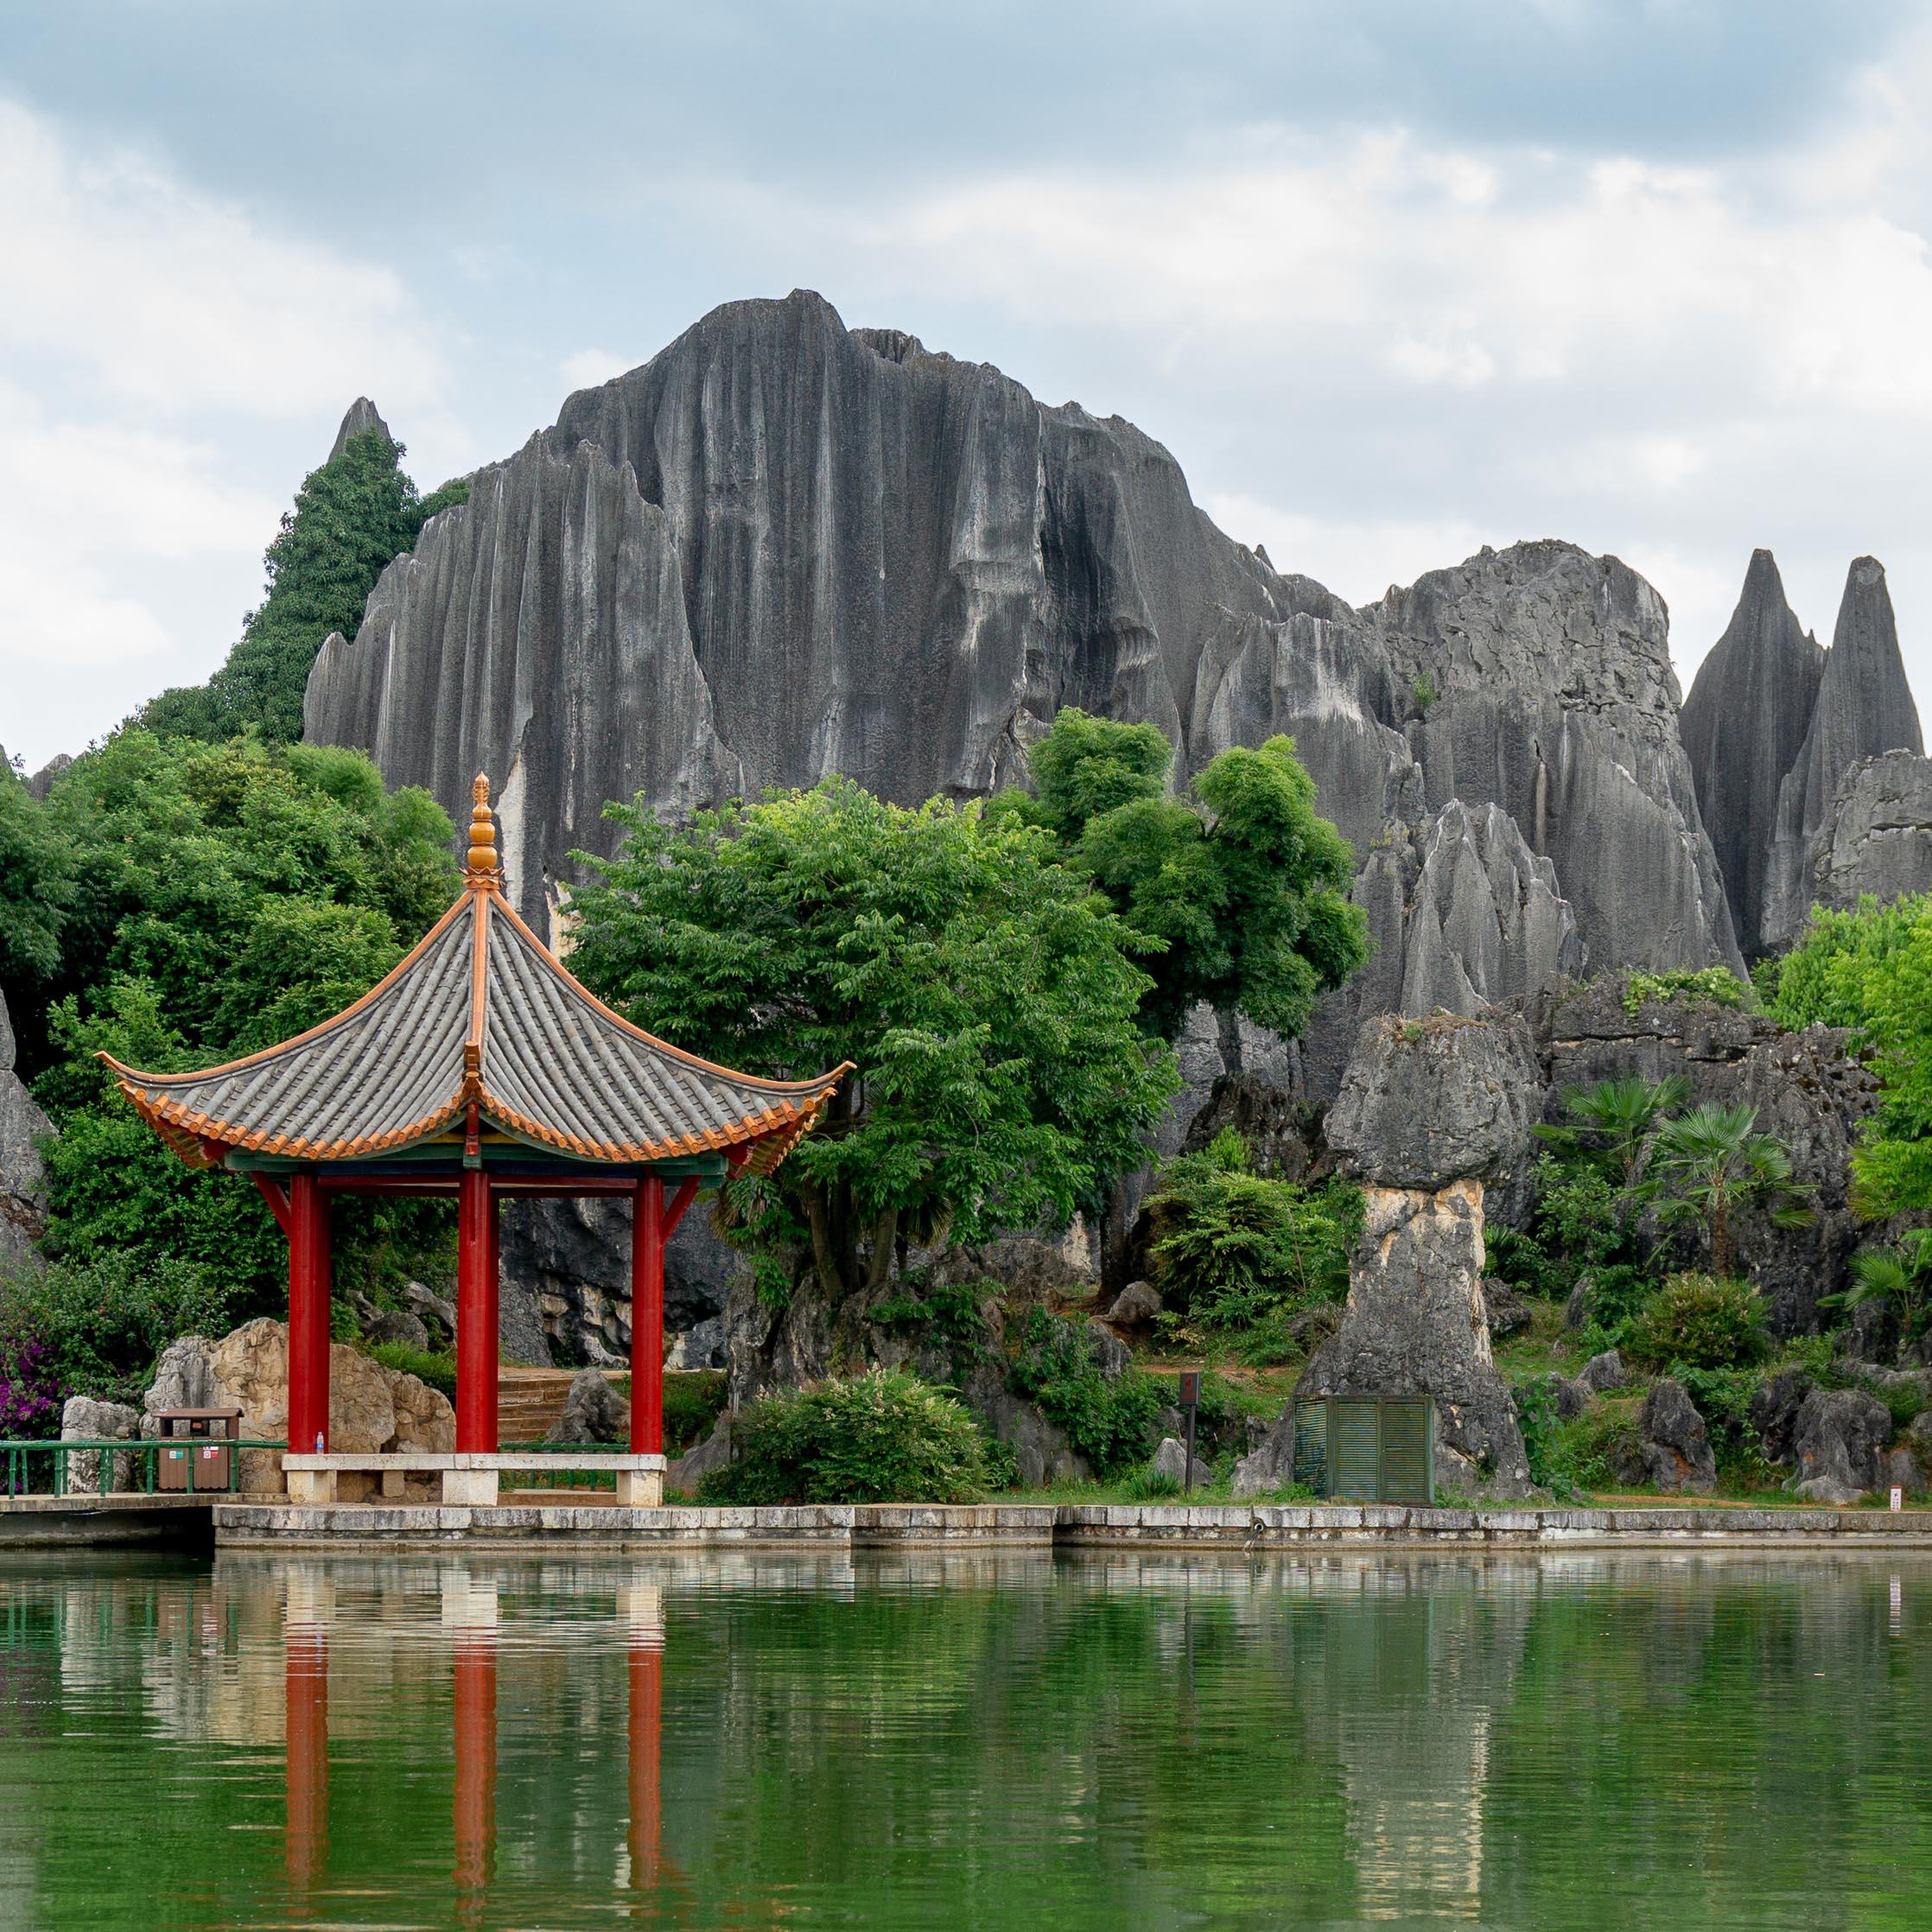 China - Yunnan (Kunming, Shangri-La, Dali, Lijiang), Guangxi (Guilin, Xingping), Hunan (Zhangjiajie), Anhui (Huangshan), Wuhan, Quingdao